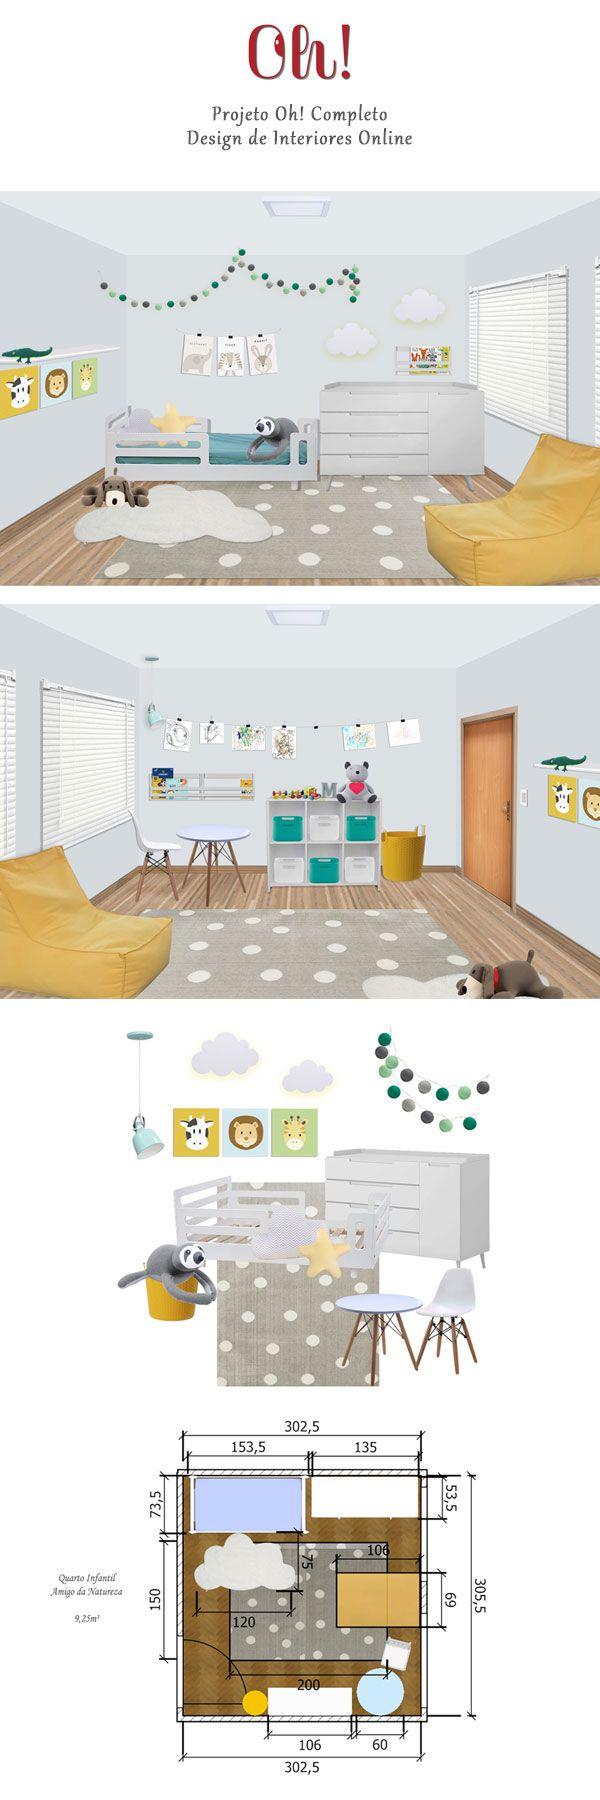 Mejores 24 Im Genes De Oh Design Projetos En Pinterest # Oohlala Muebles Y Accesorios Infantiles